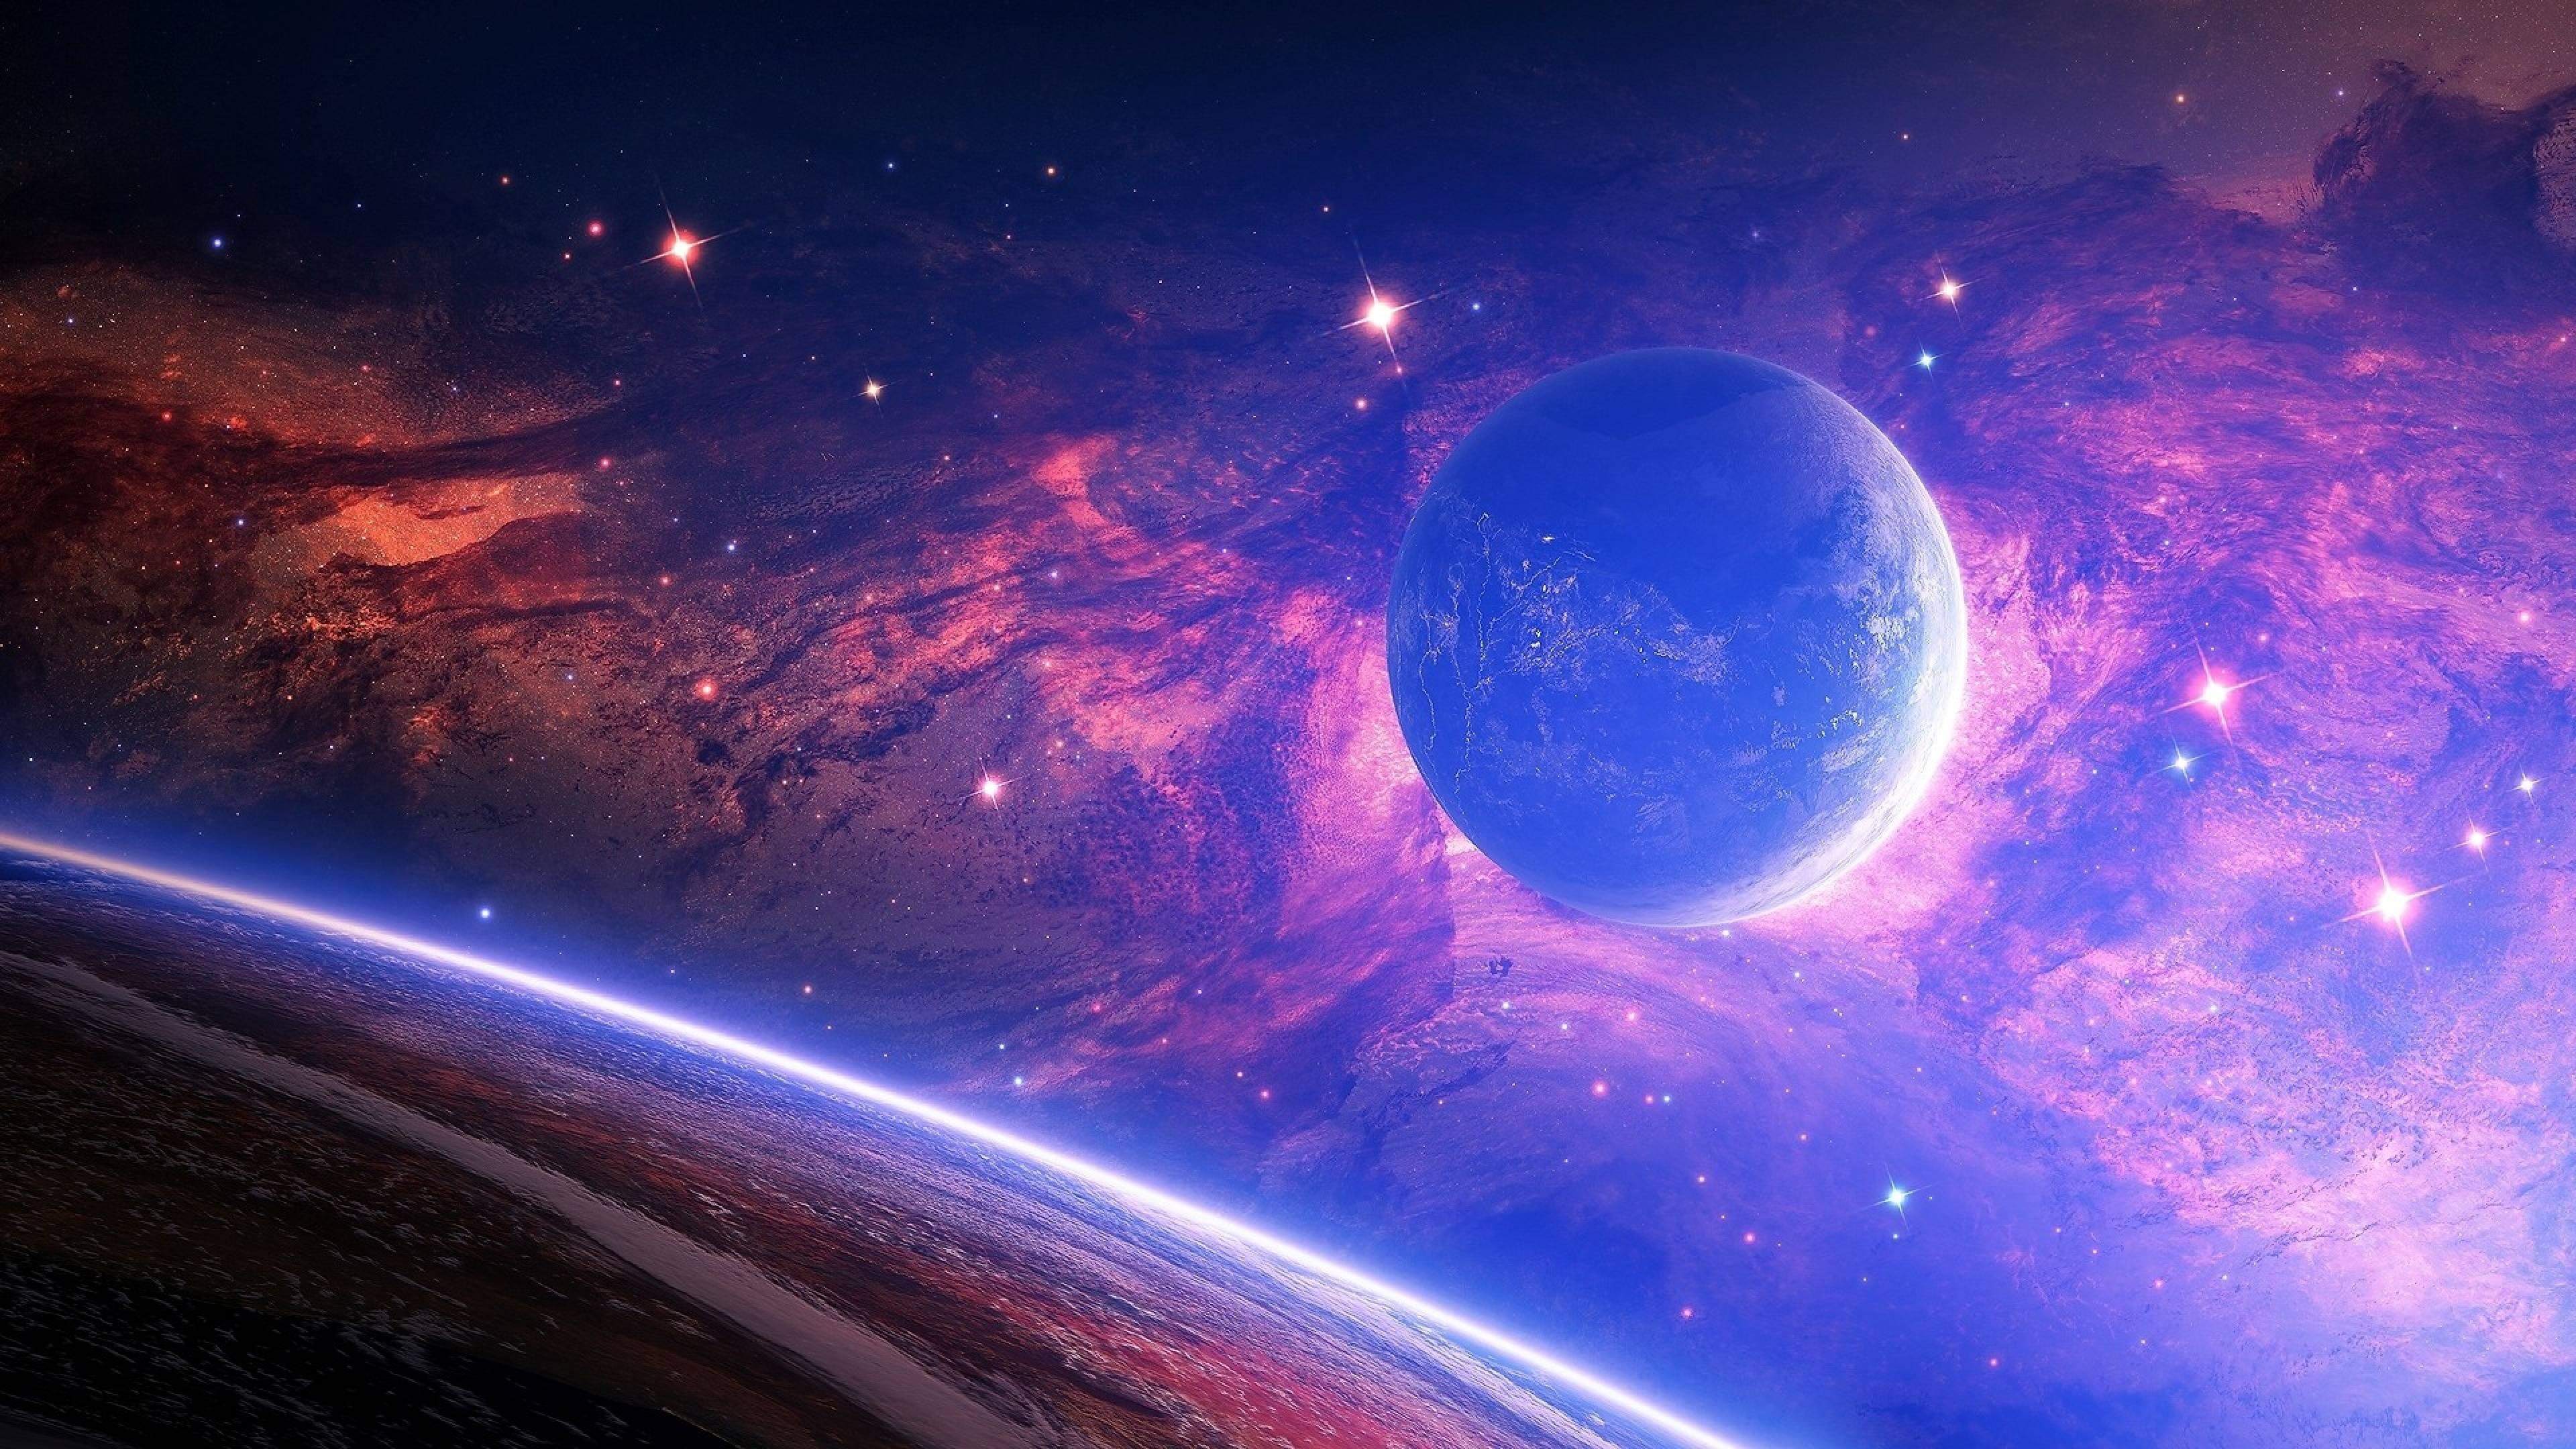 Обои частичка космоса картинки на рабочий стол на тему Космос - скачать бесплатно